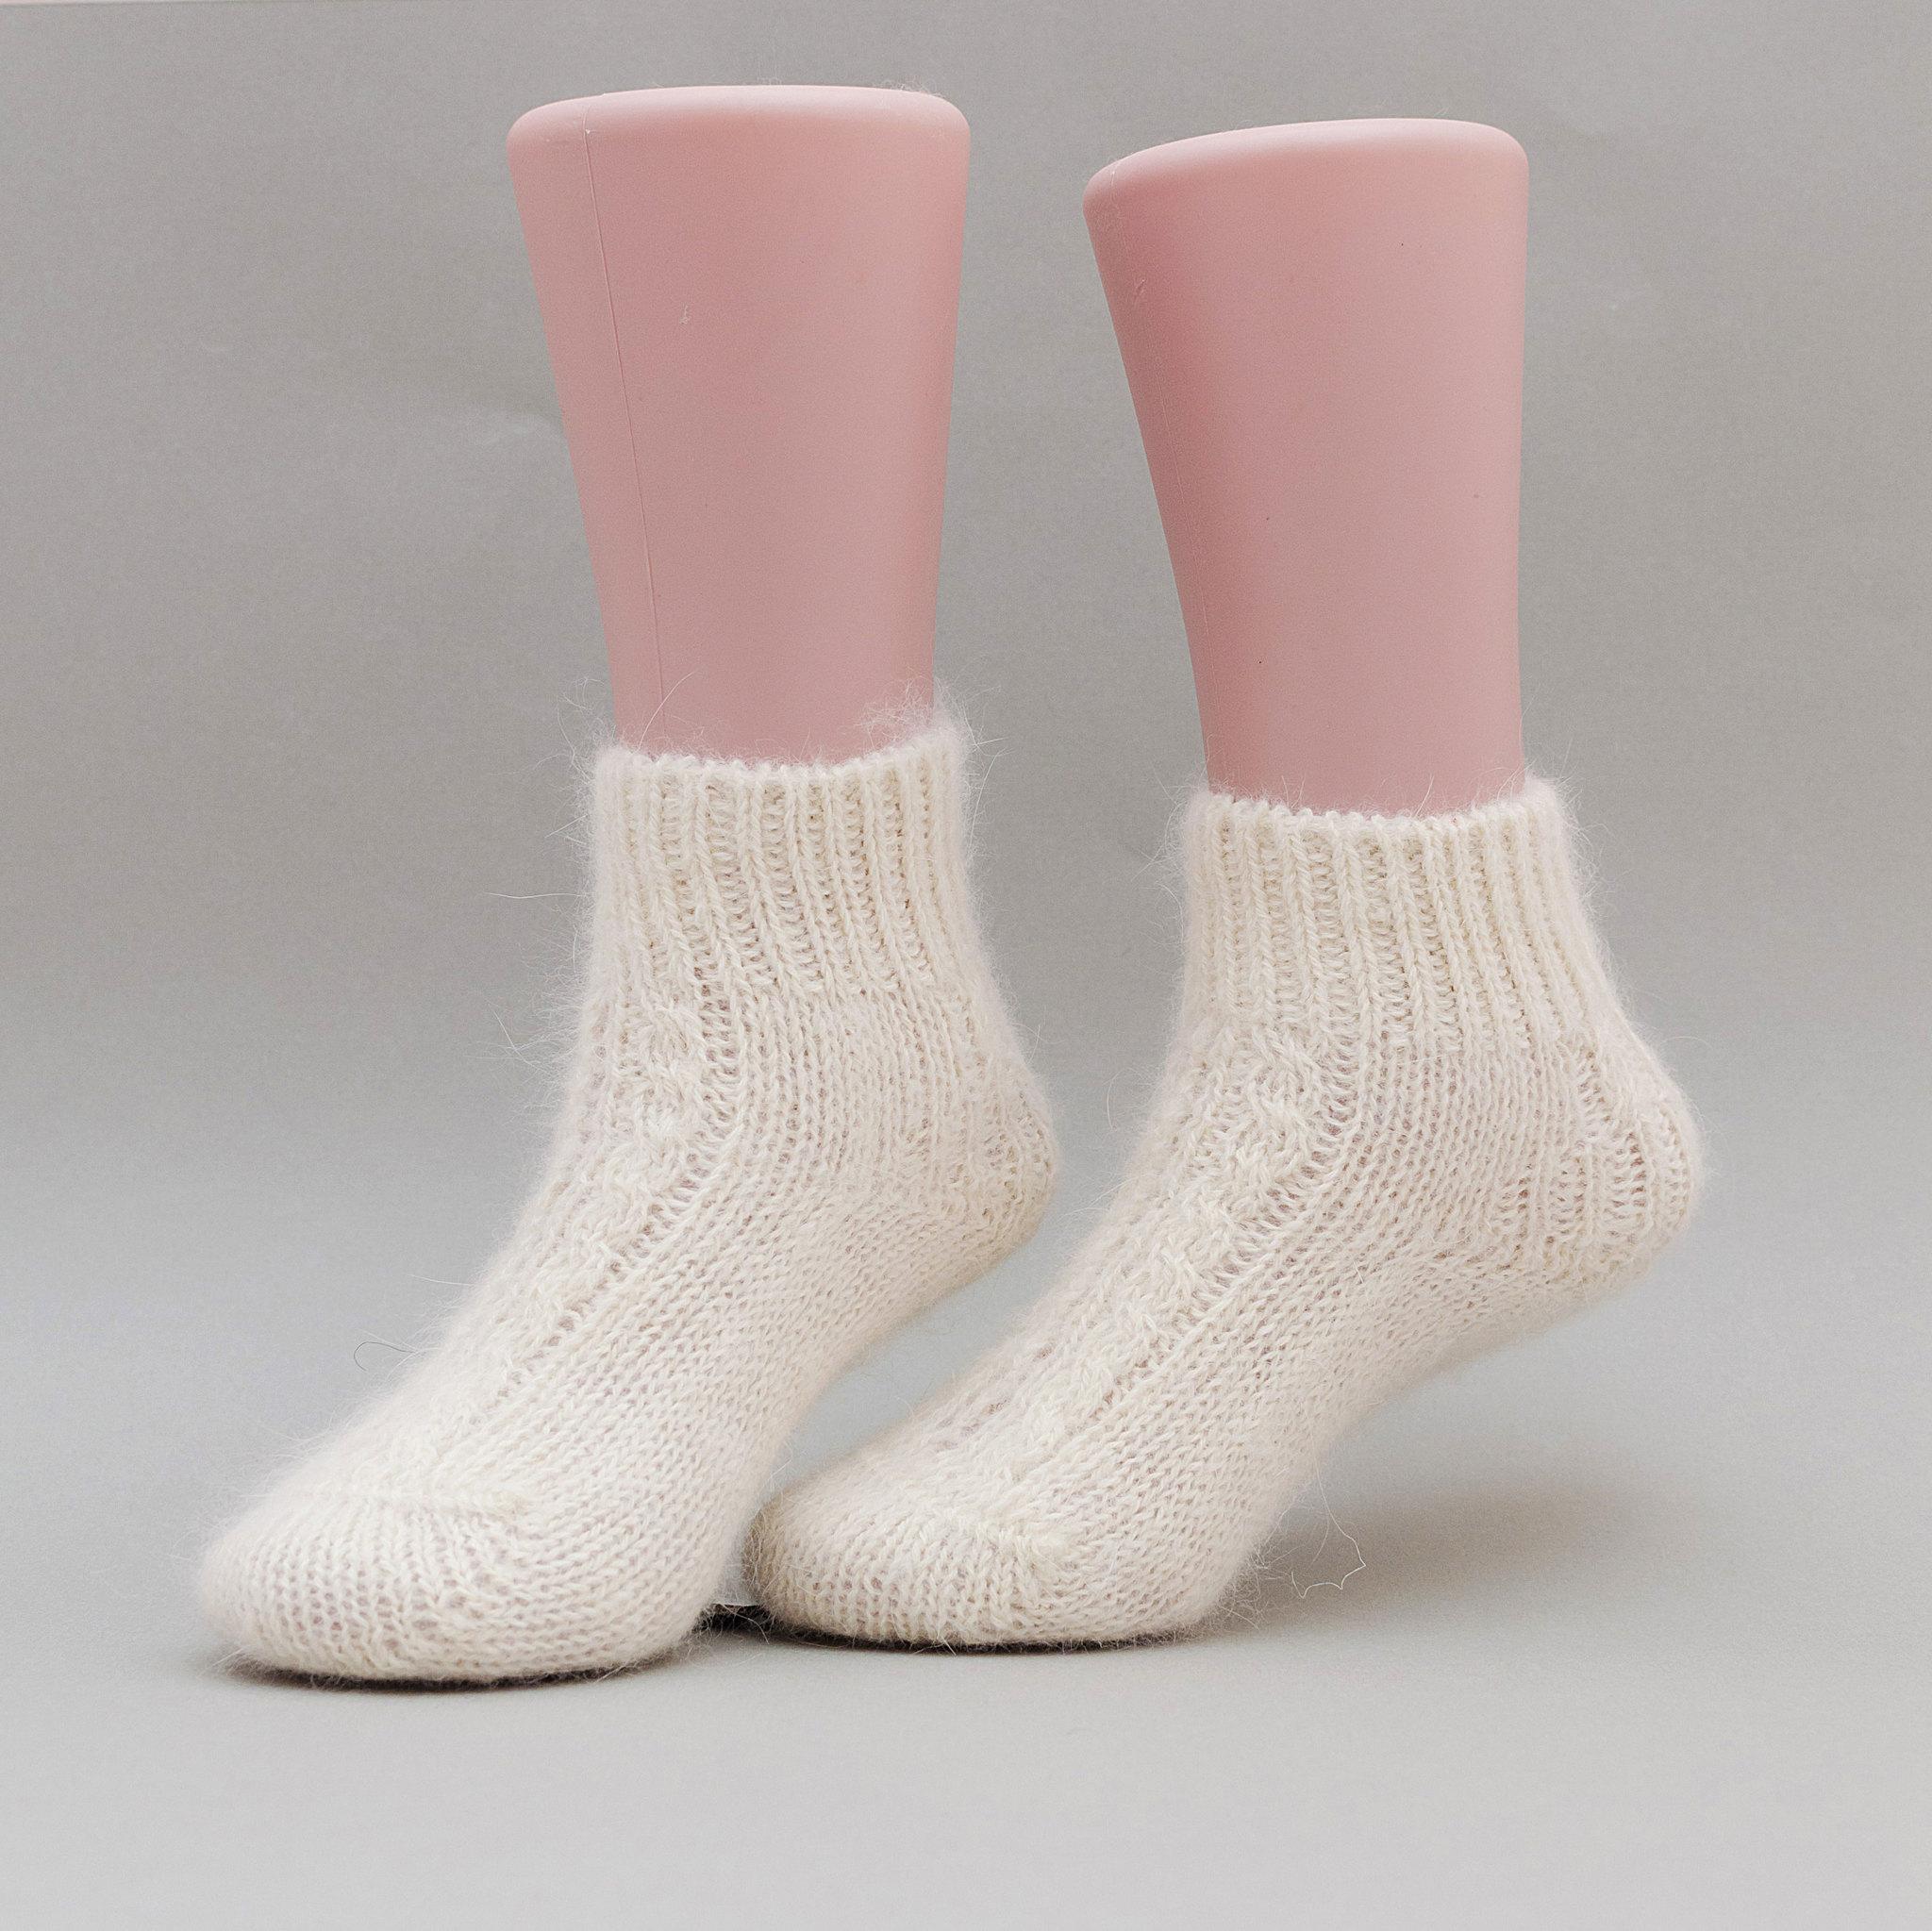 Angora_socks_2_3_years